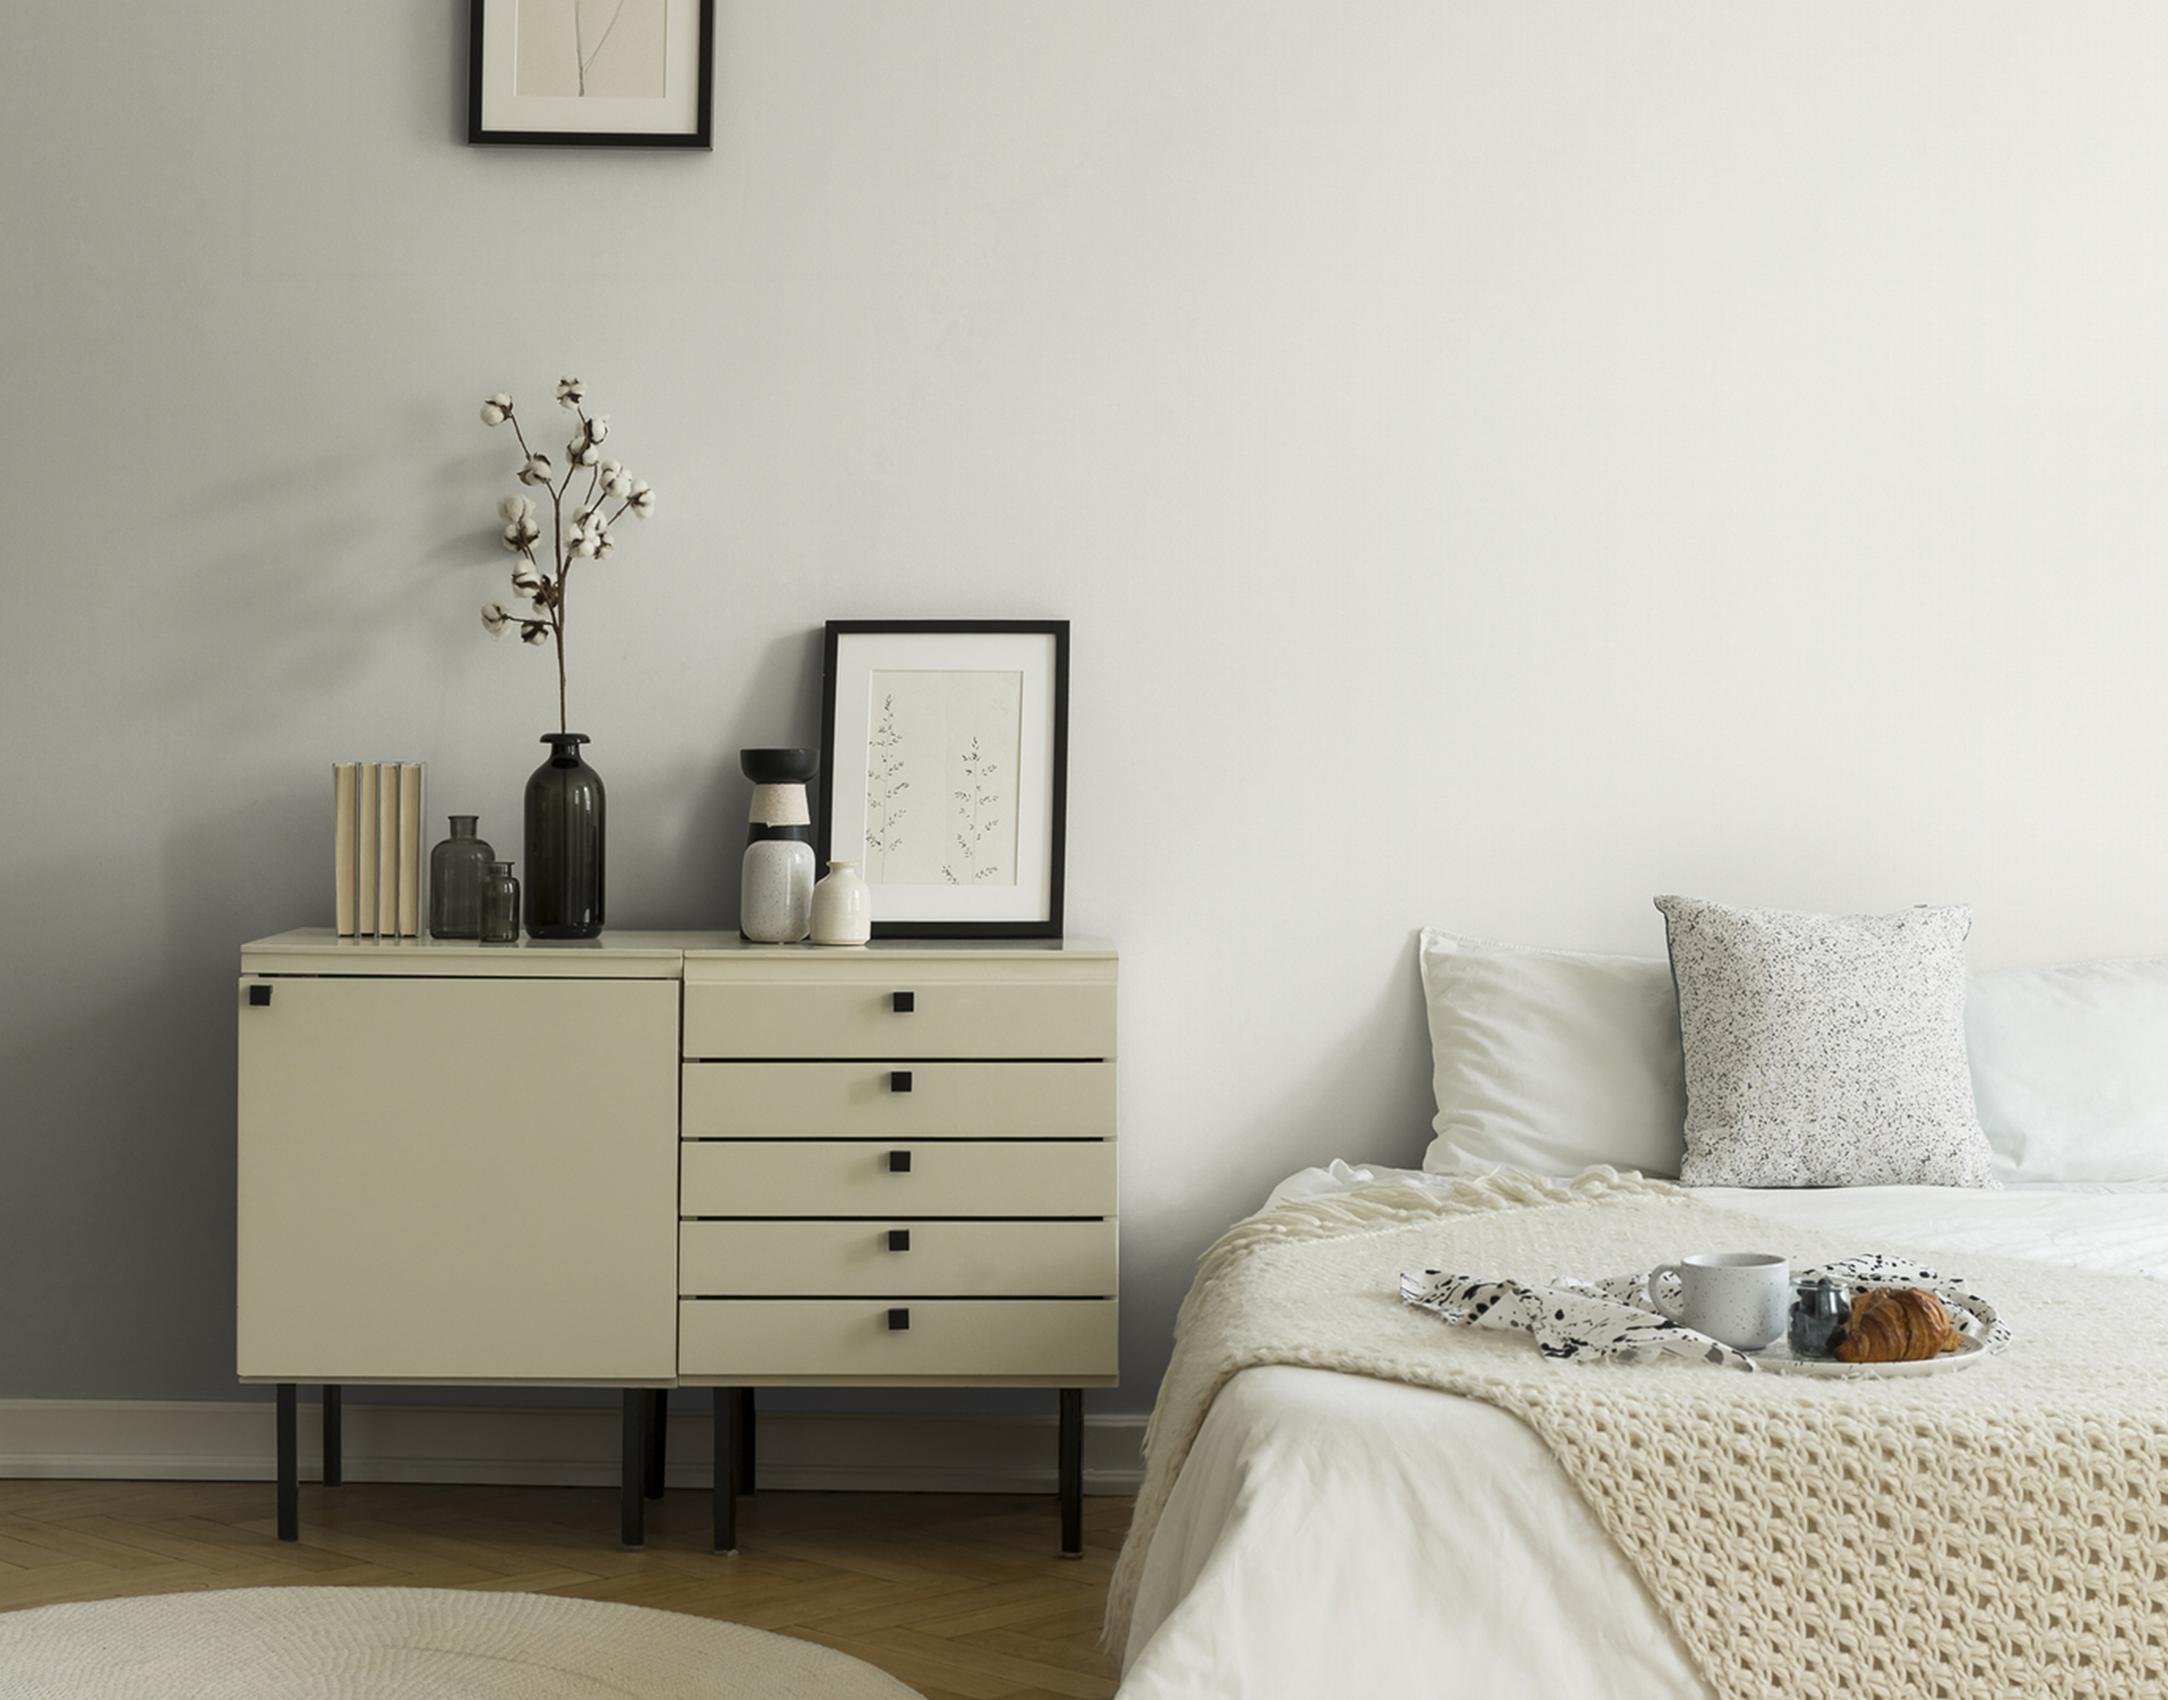 Minimalistisches Schlafzimmer weiß mit Unitapete in neutralem Ton, Artikel AS326317